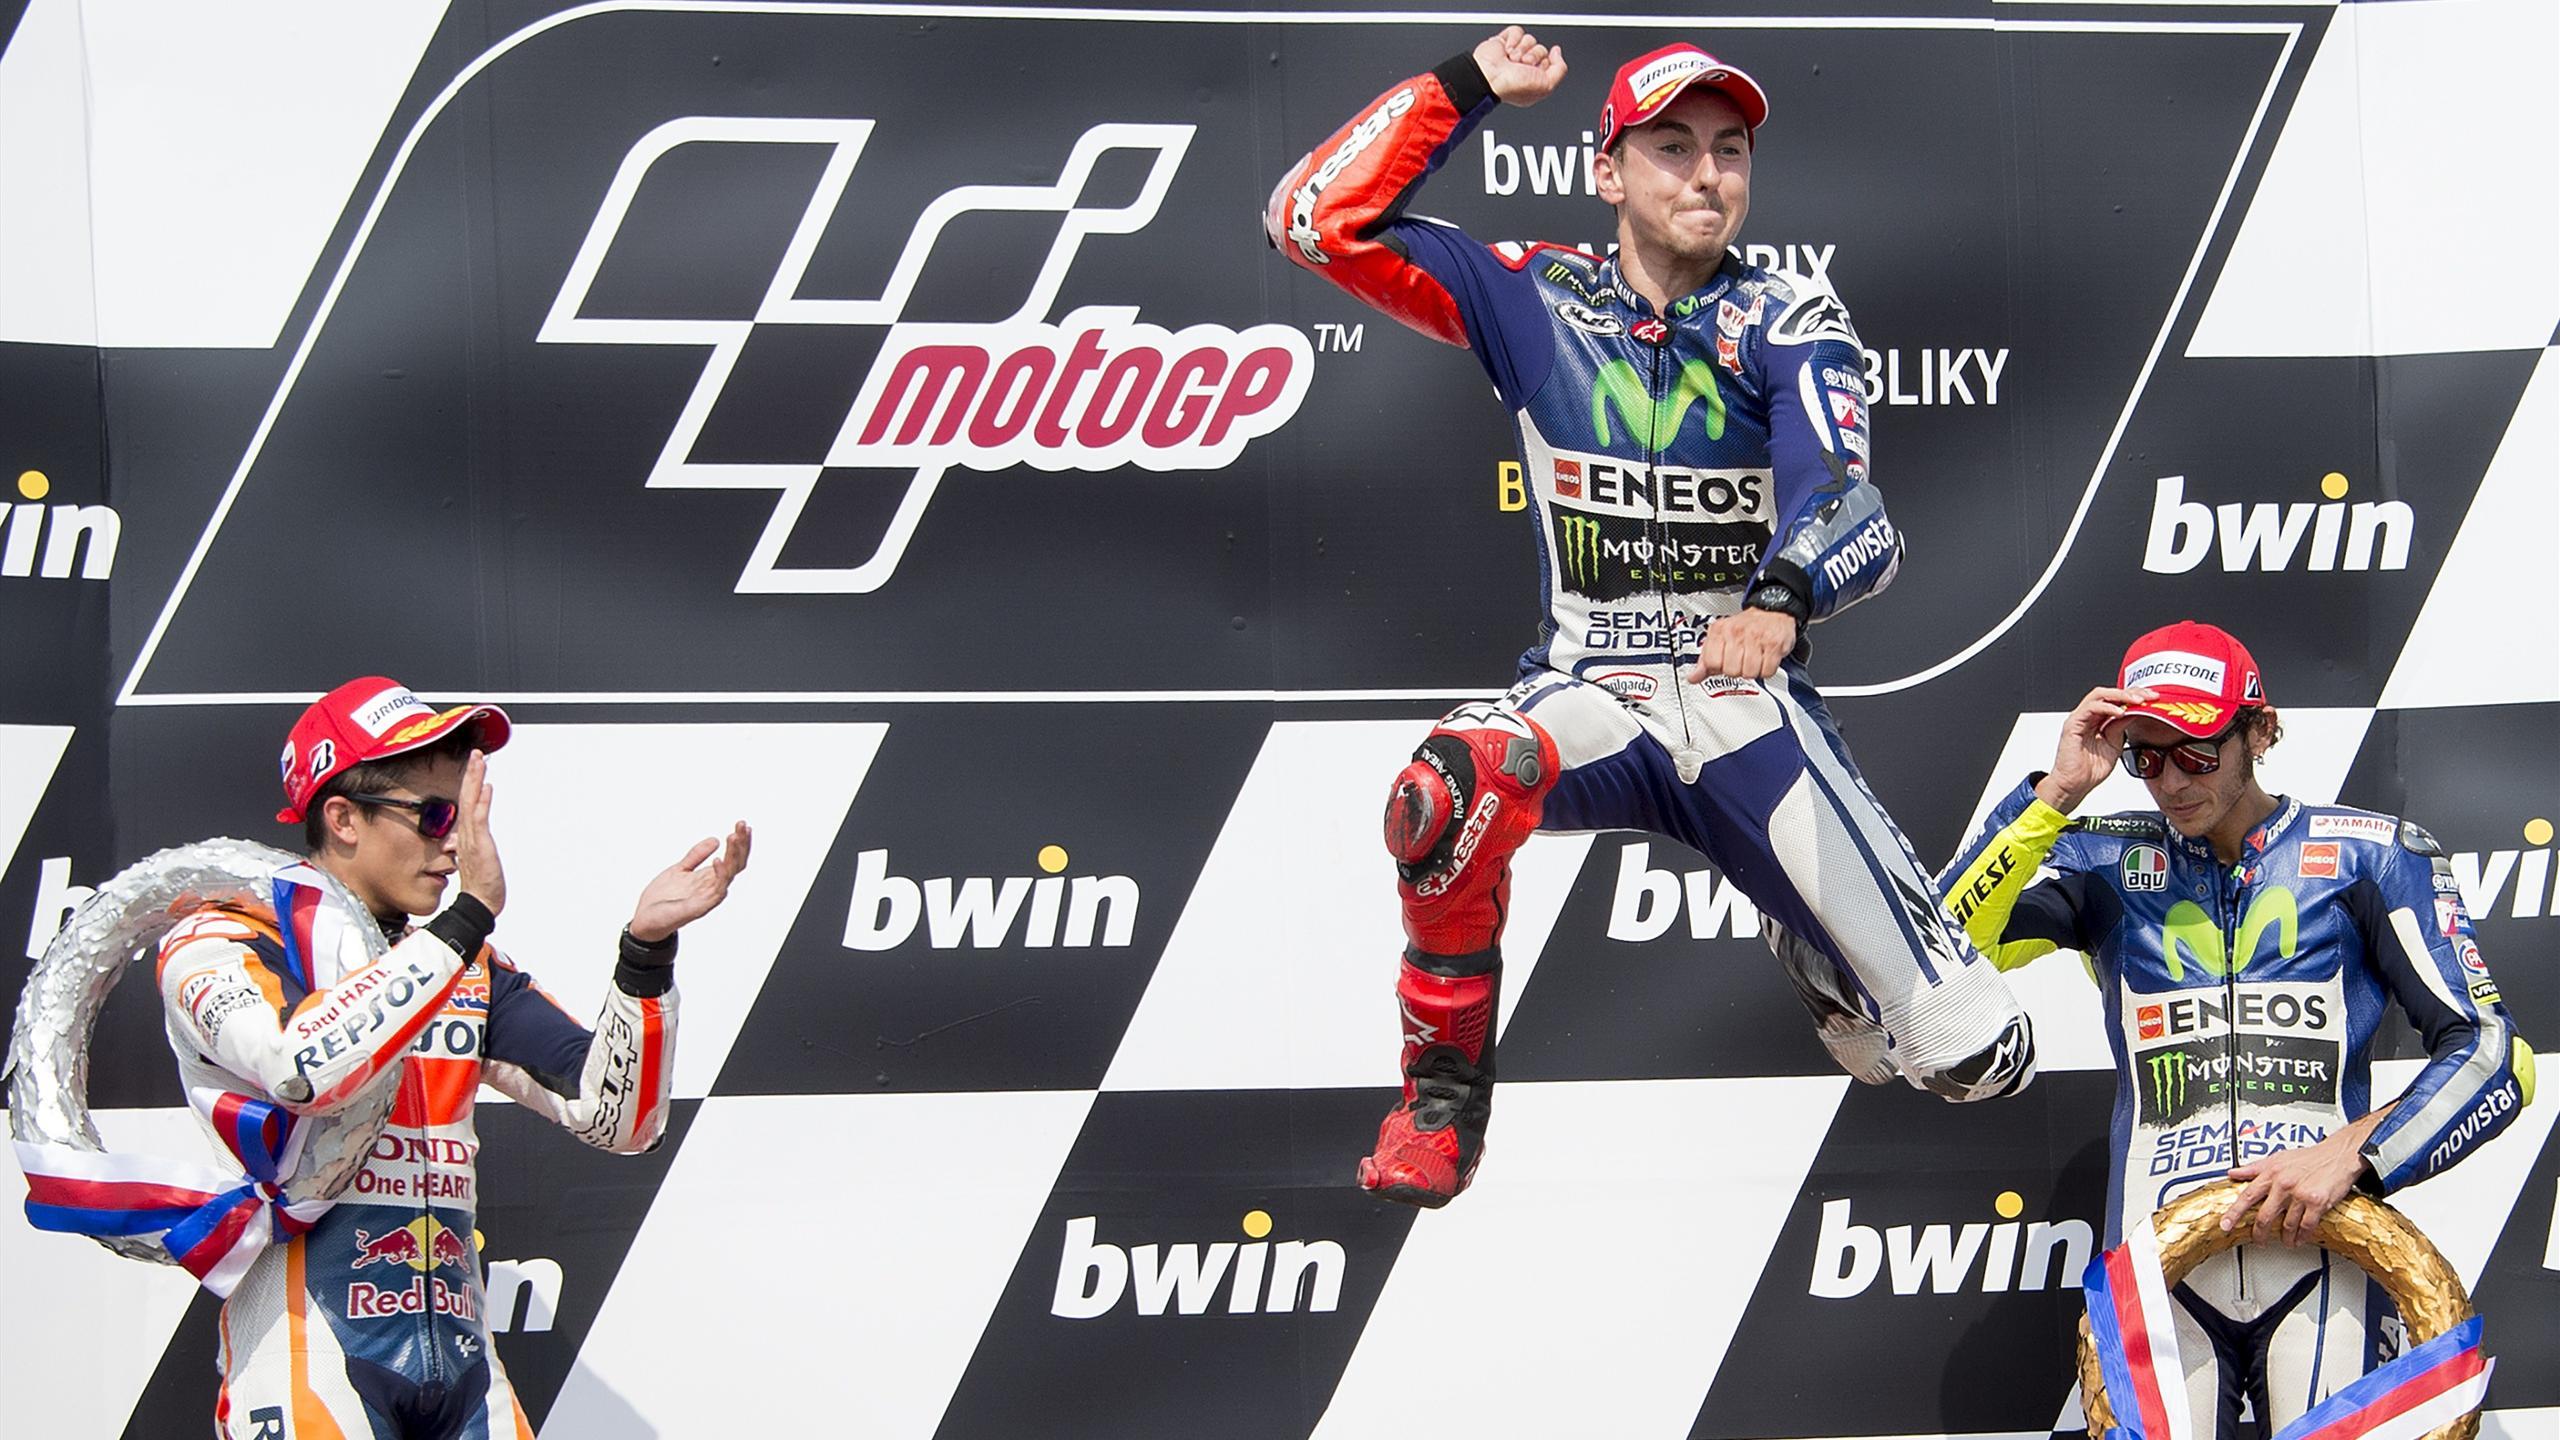 Jorge Lorenzo festeggia sul podio di Brno insieme a Marquez e Rossi, LaPresse